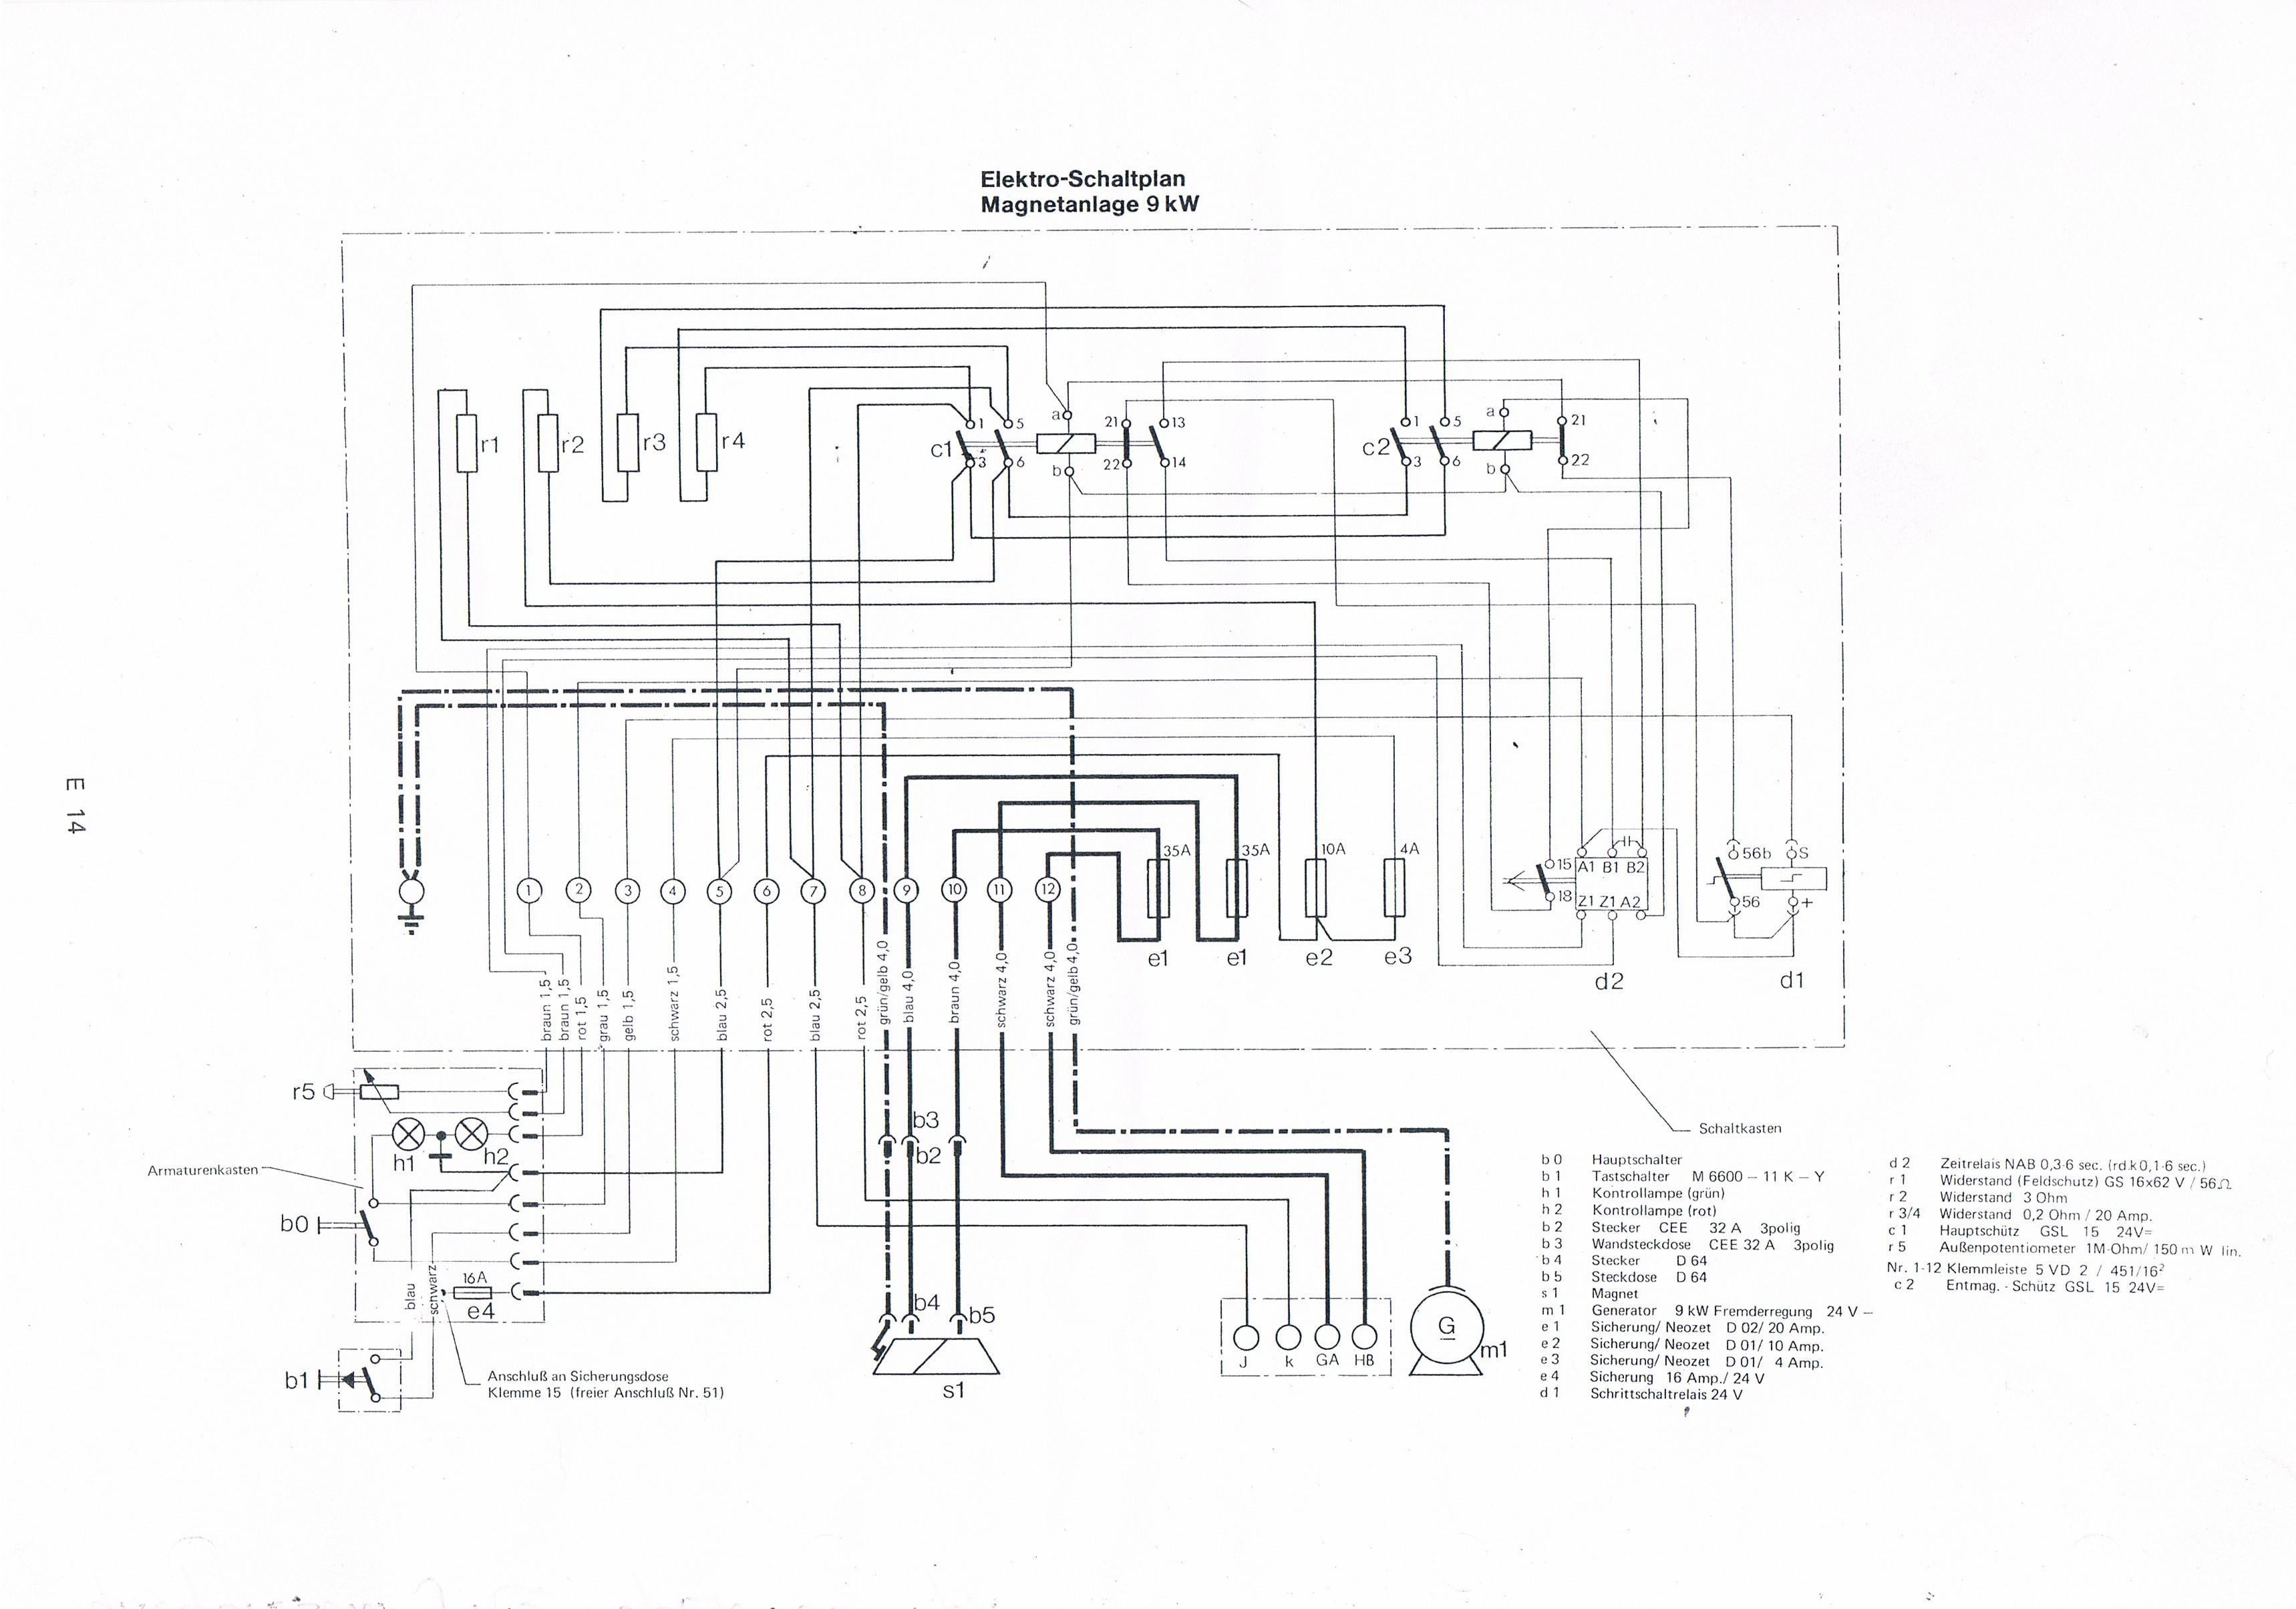 Ungewöhnlich 240v Stecker Schaltplan Zeitgenössisch - Der Schaltplan ...